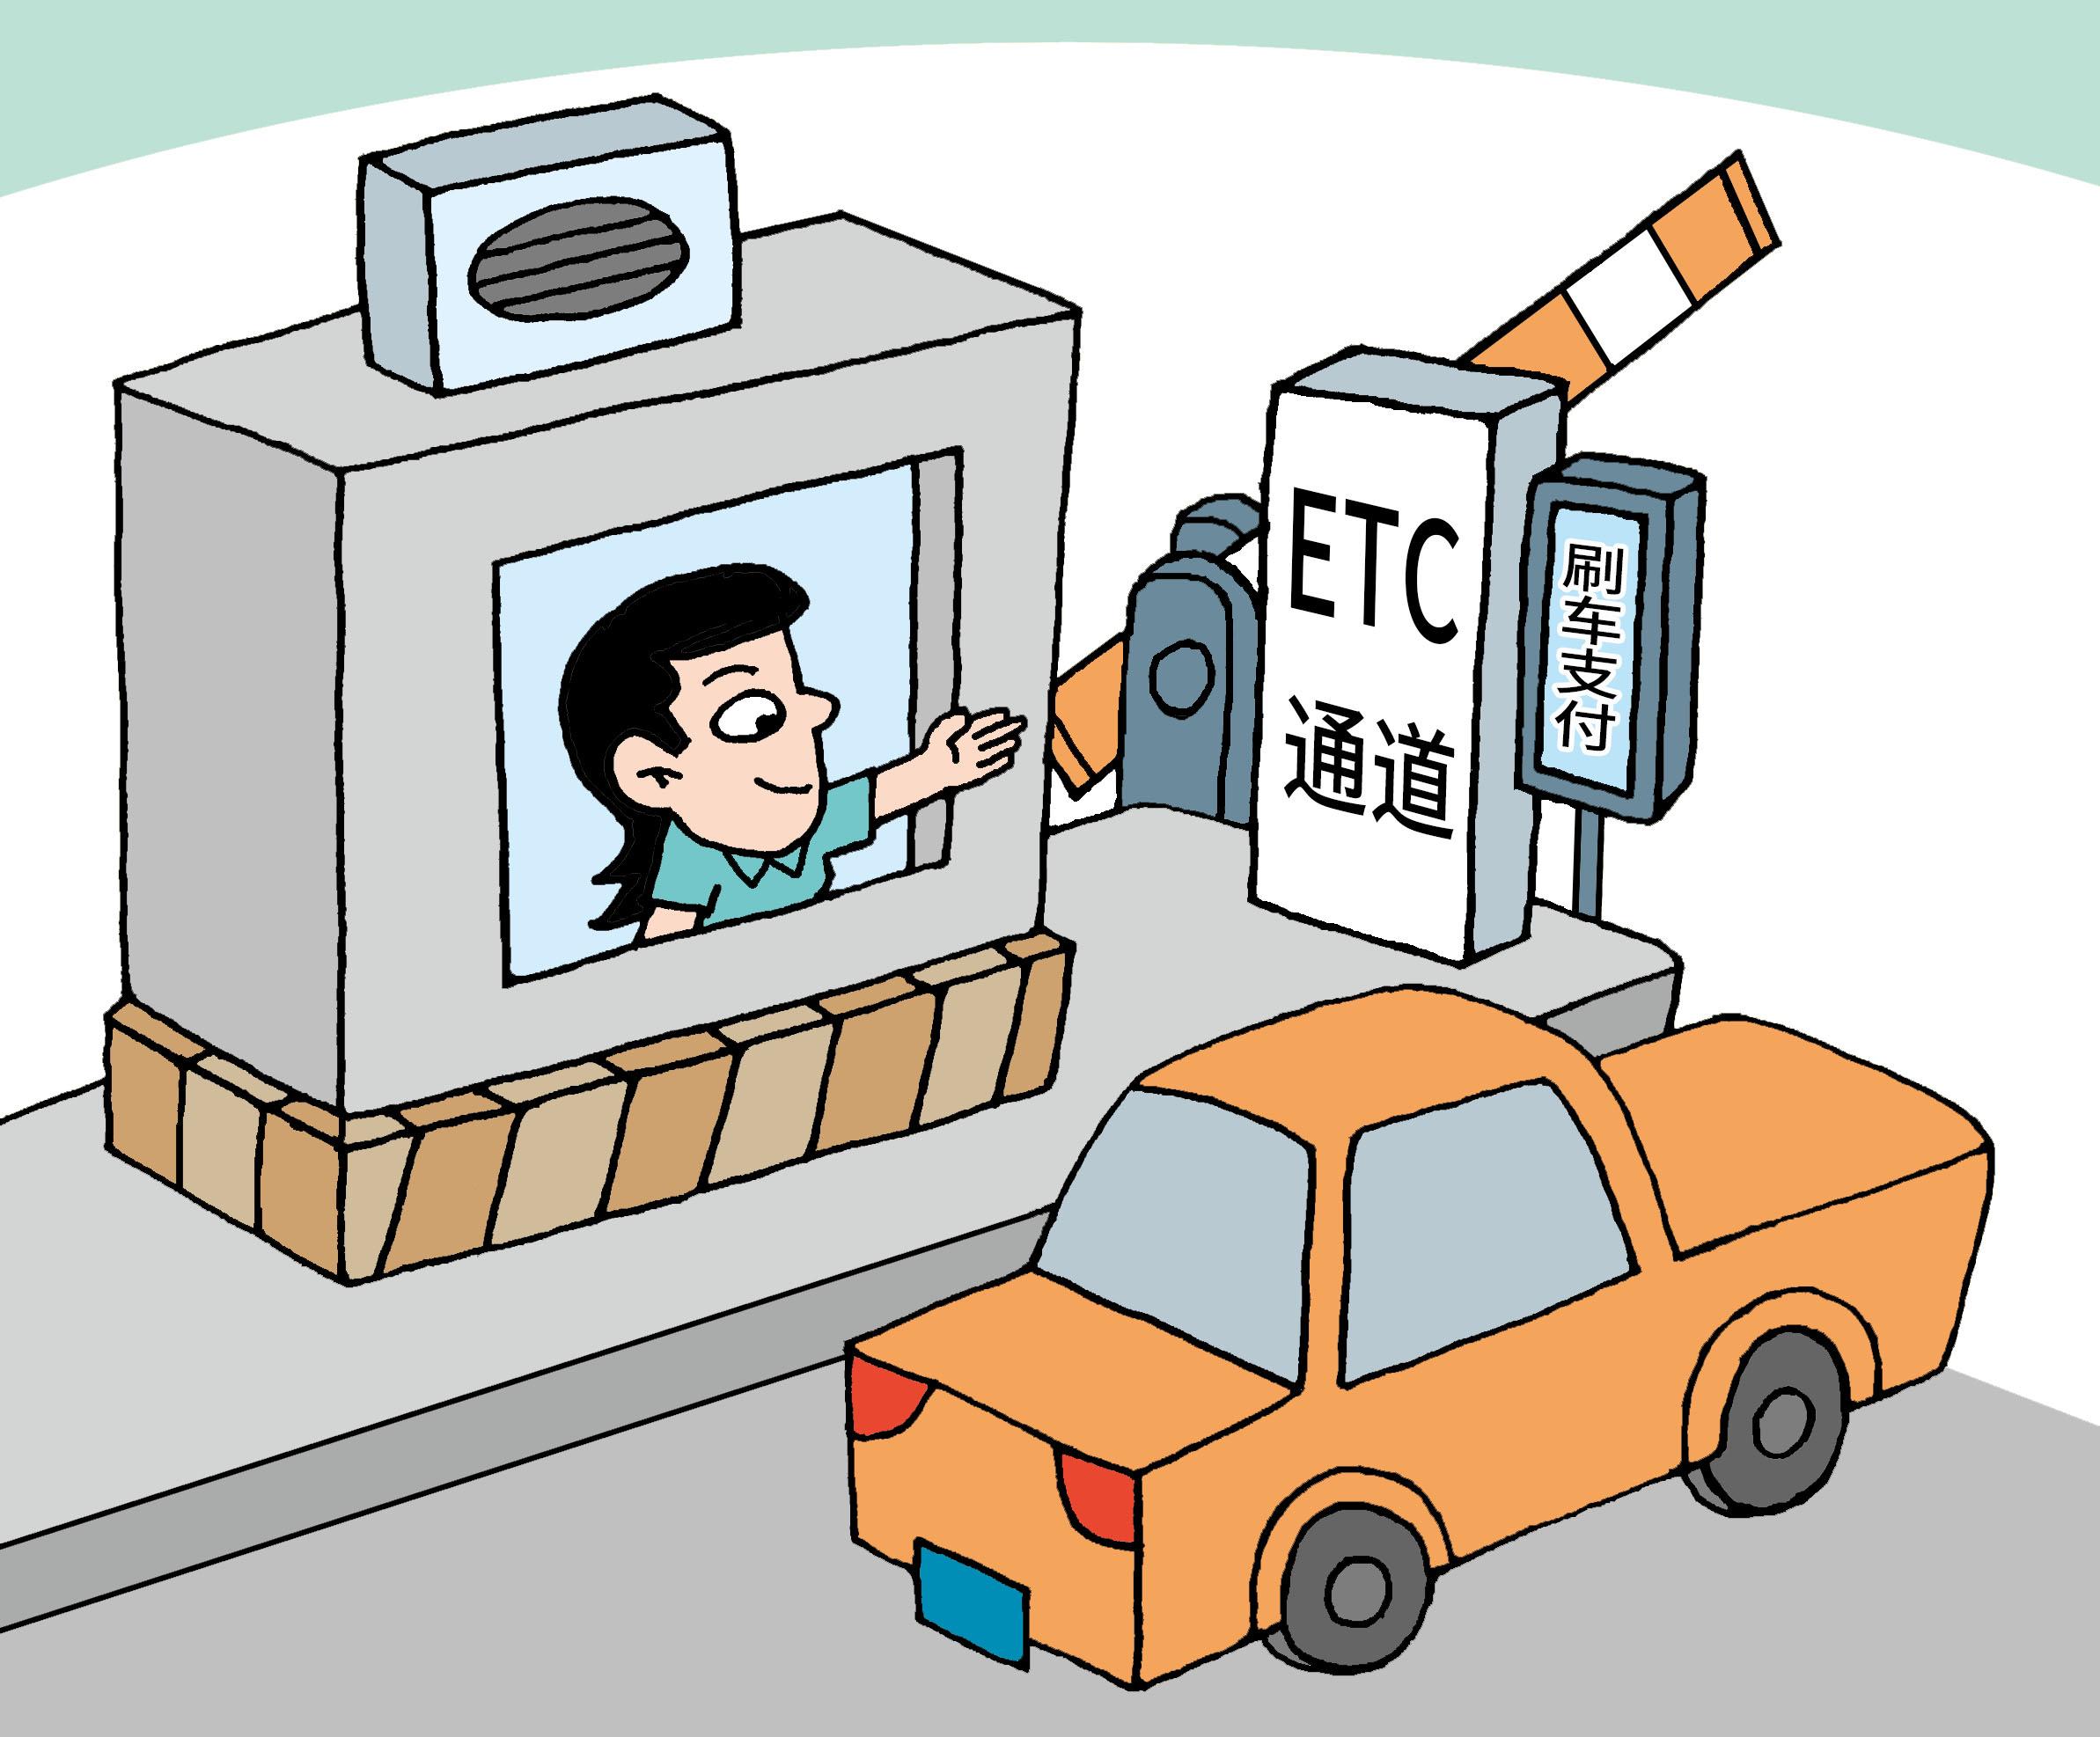 http://www.nthuaimage.com/shishangchaoliu/28186.html